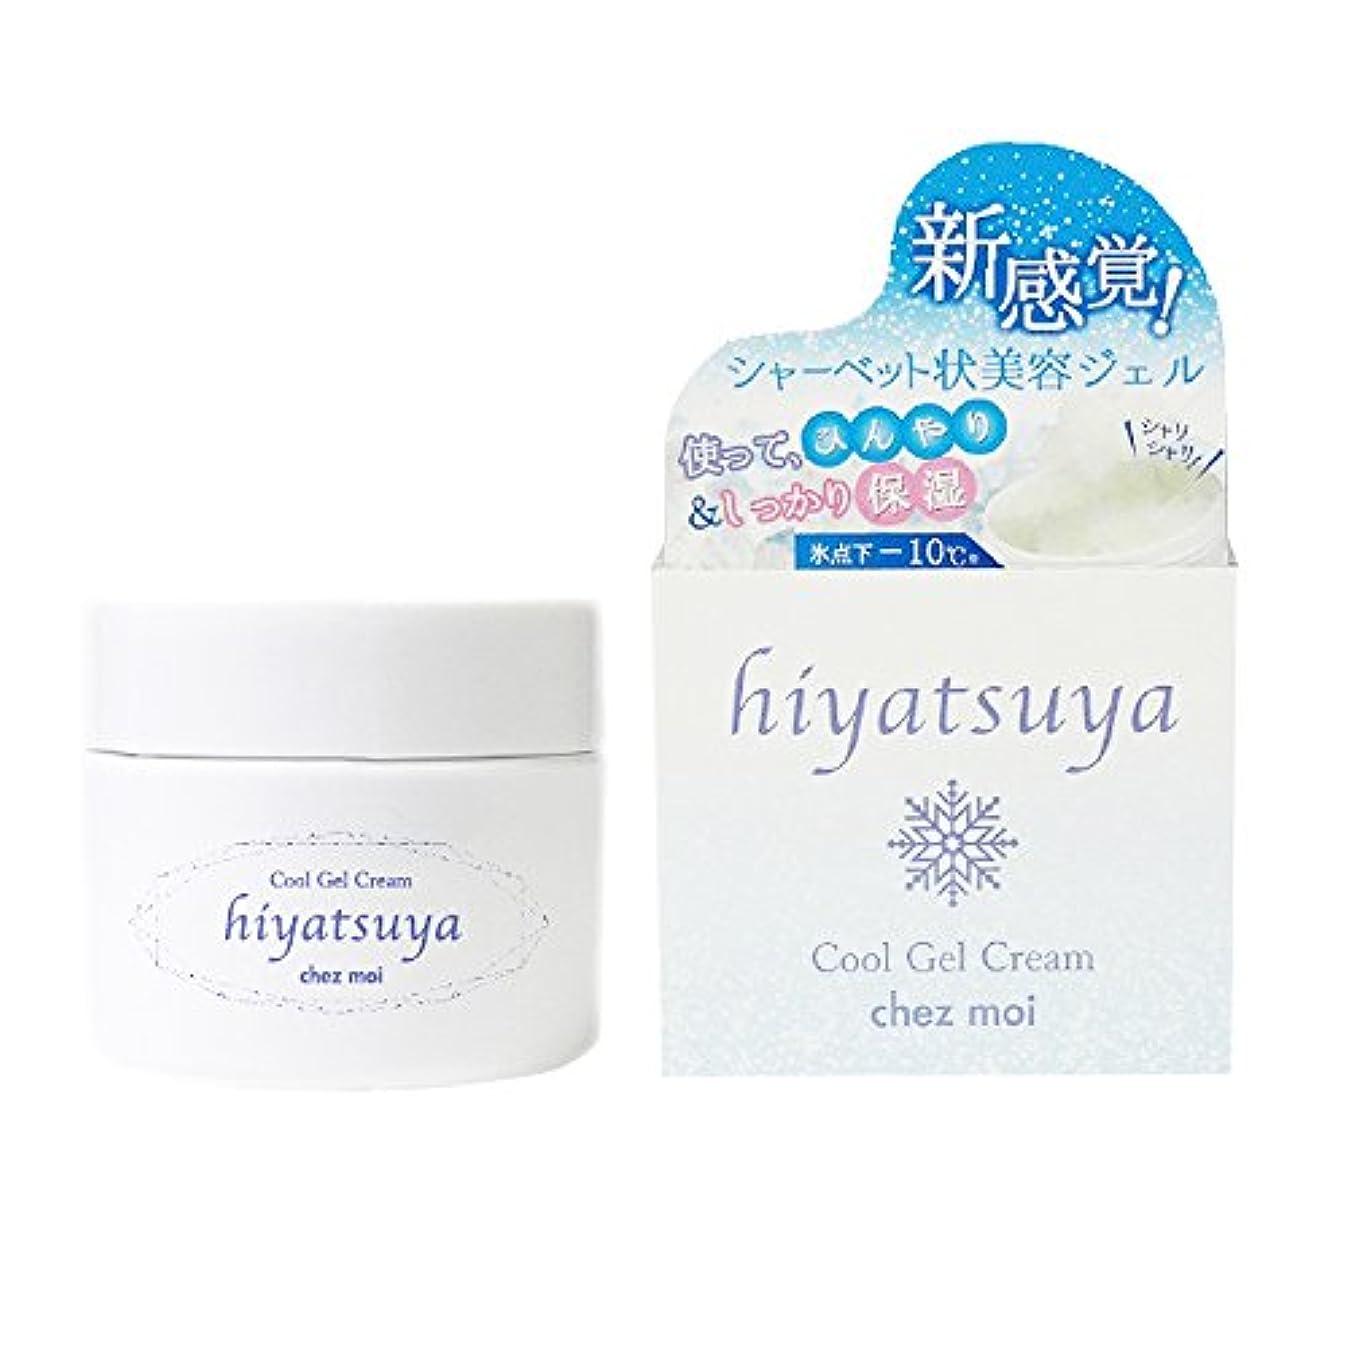 電圧外観ハイキングシェモア hiyatsuya(ヒヤツヤ) cool gel cream 70g